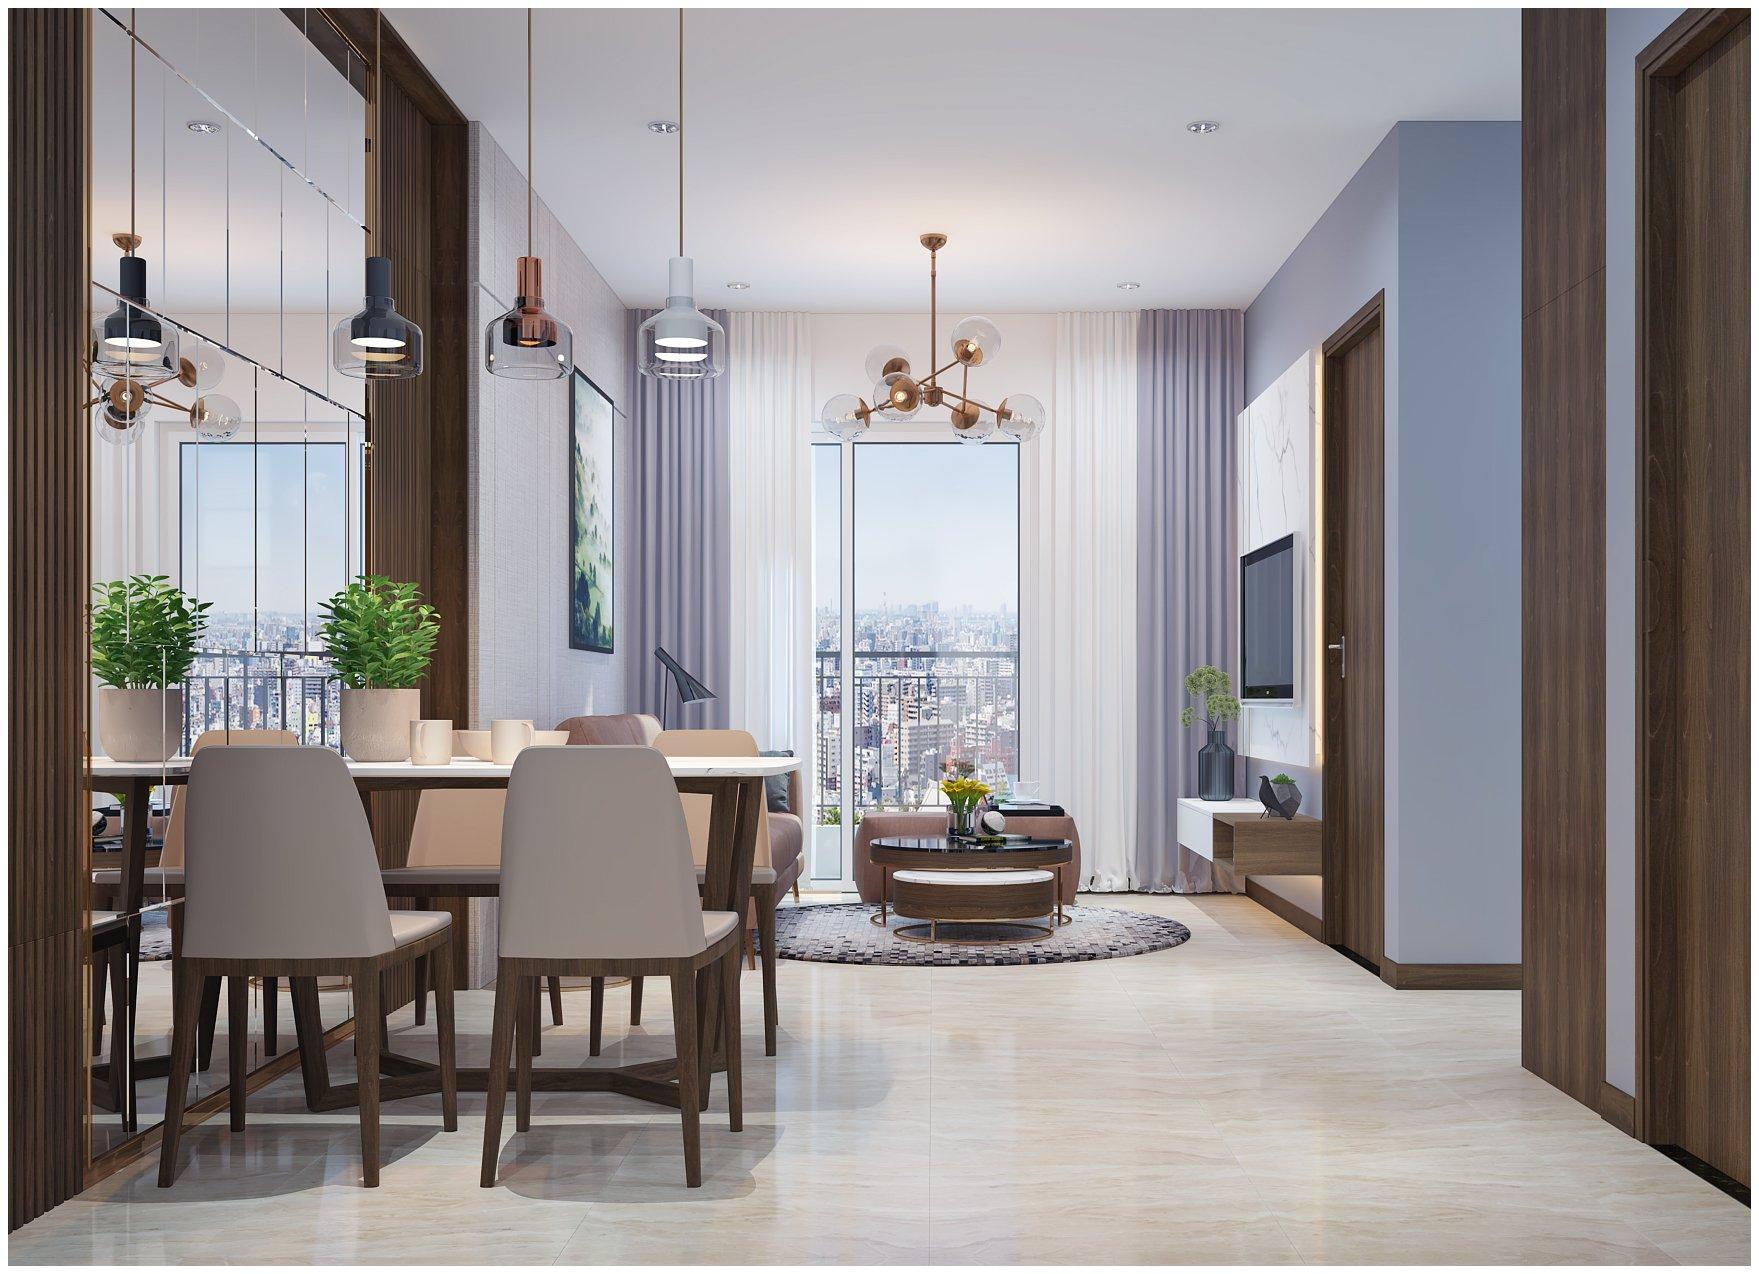 Thiết kế nội thất chung cư Hà Nội